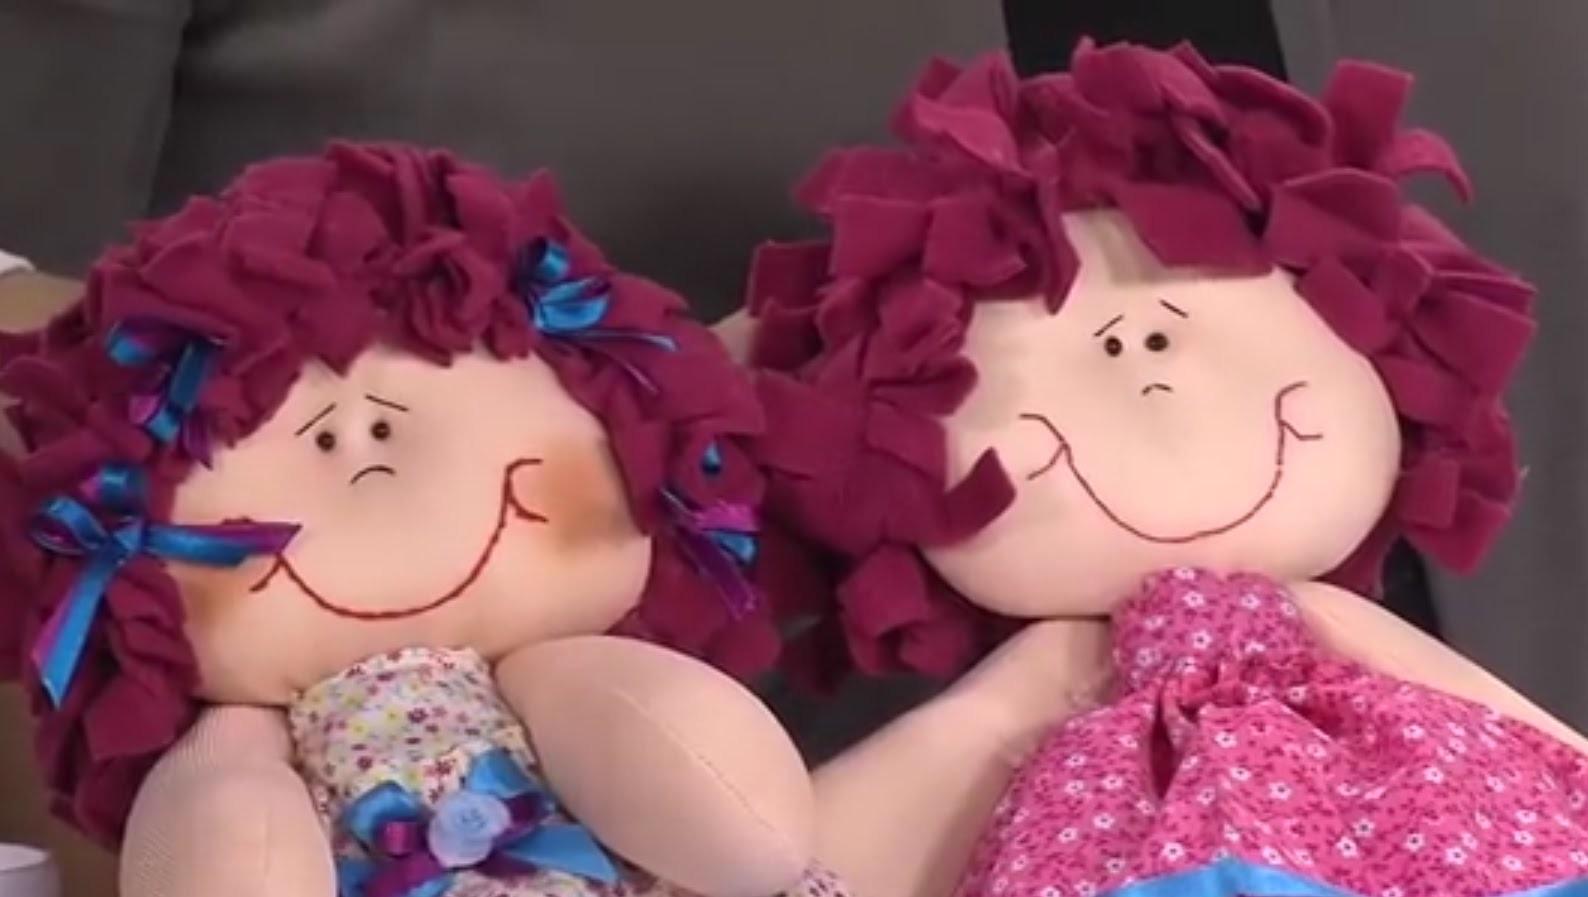 Como poner el Cabello y Decorar una Muñeca de Trapo- Hogar Tv  por Juan Gonzalo Angel